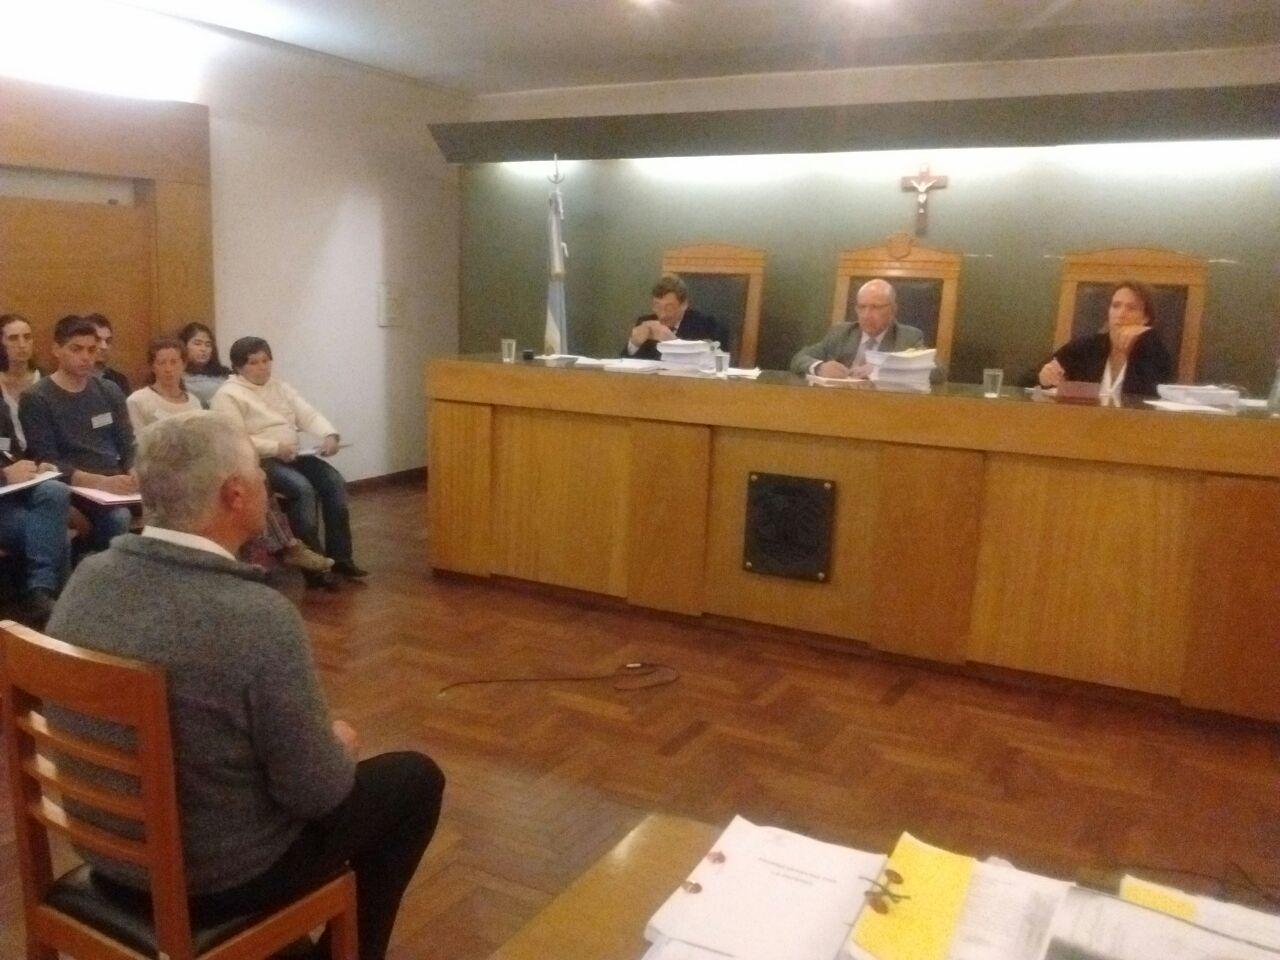 bonfigli juicio - Juicio a Bonfigli: El fiscal pidió 1 año de prisión e inhabilitación para ejercer cargos públicos.